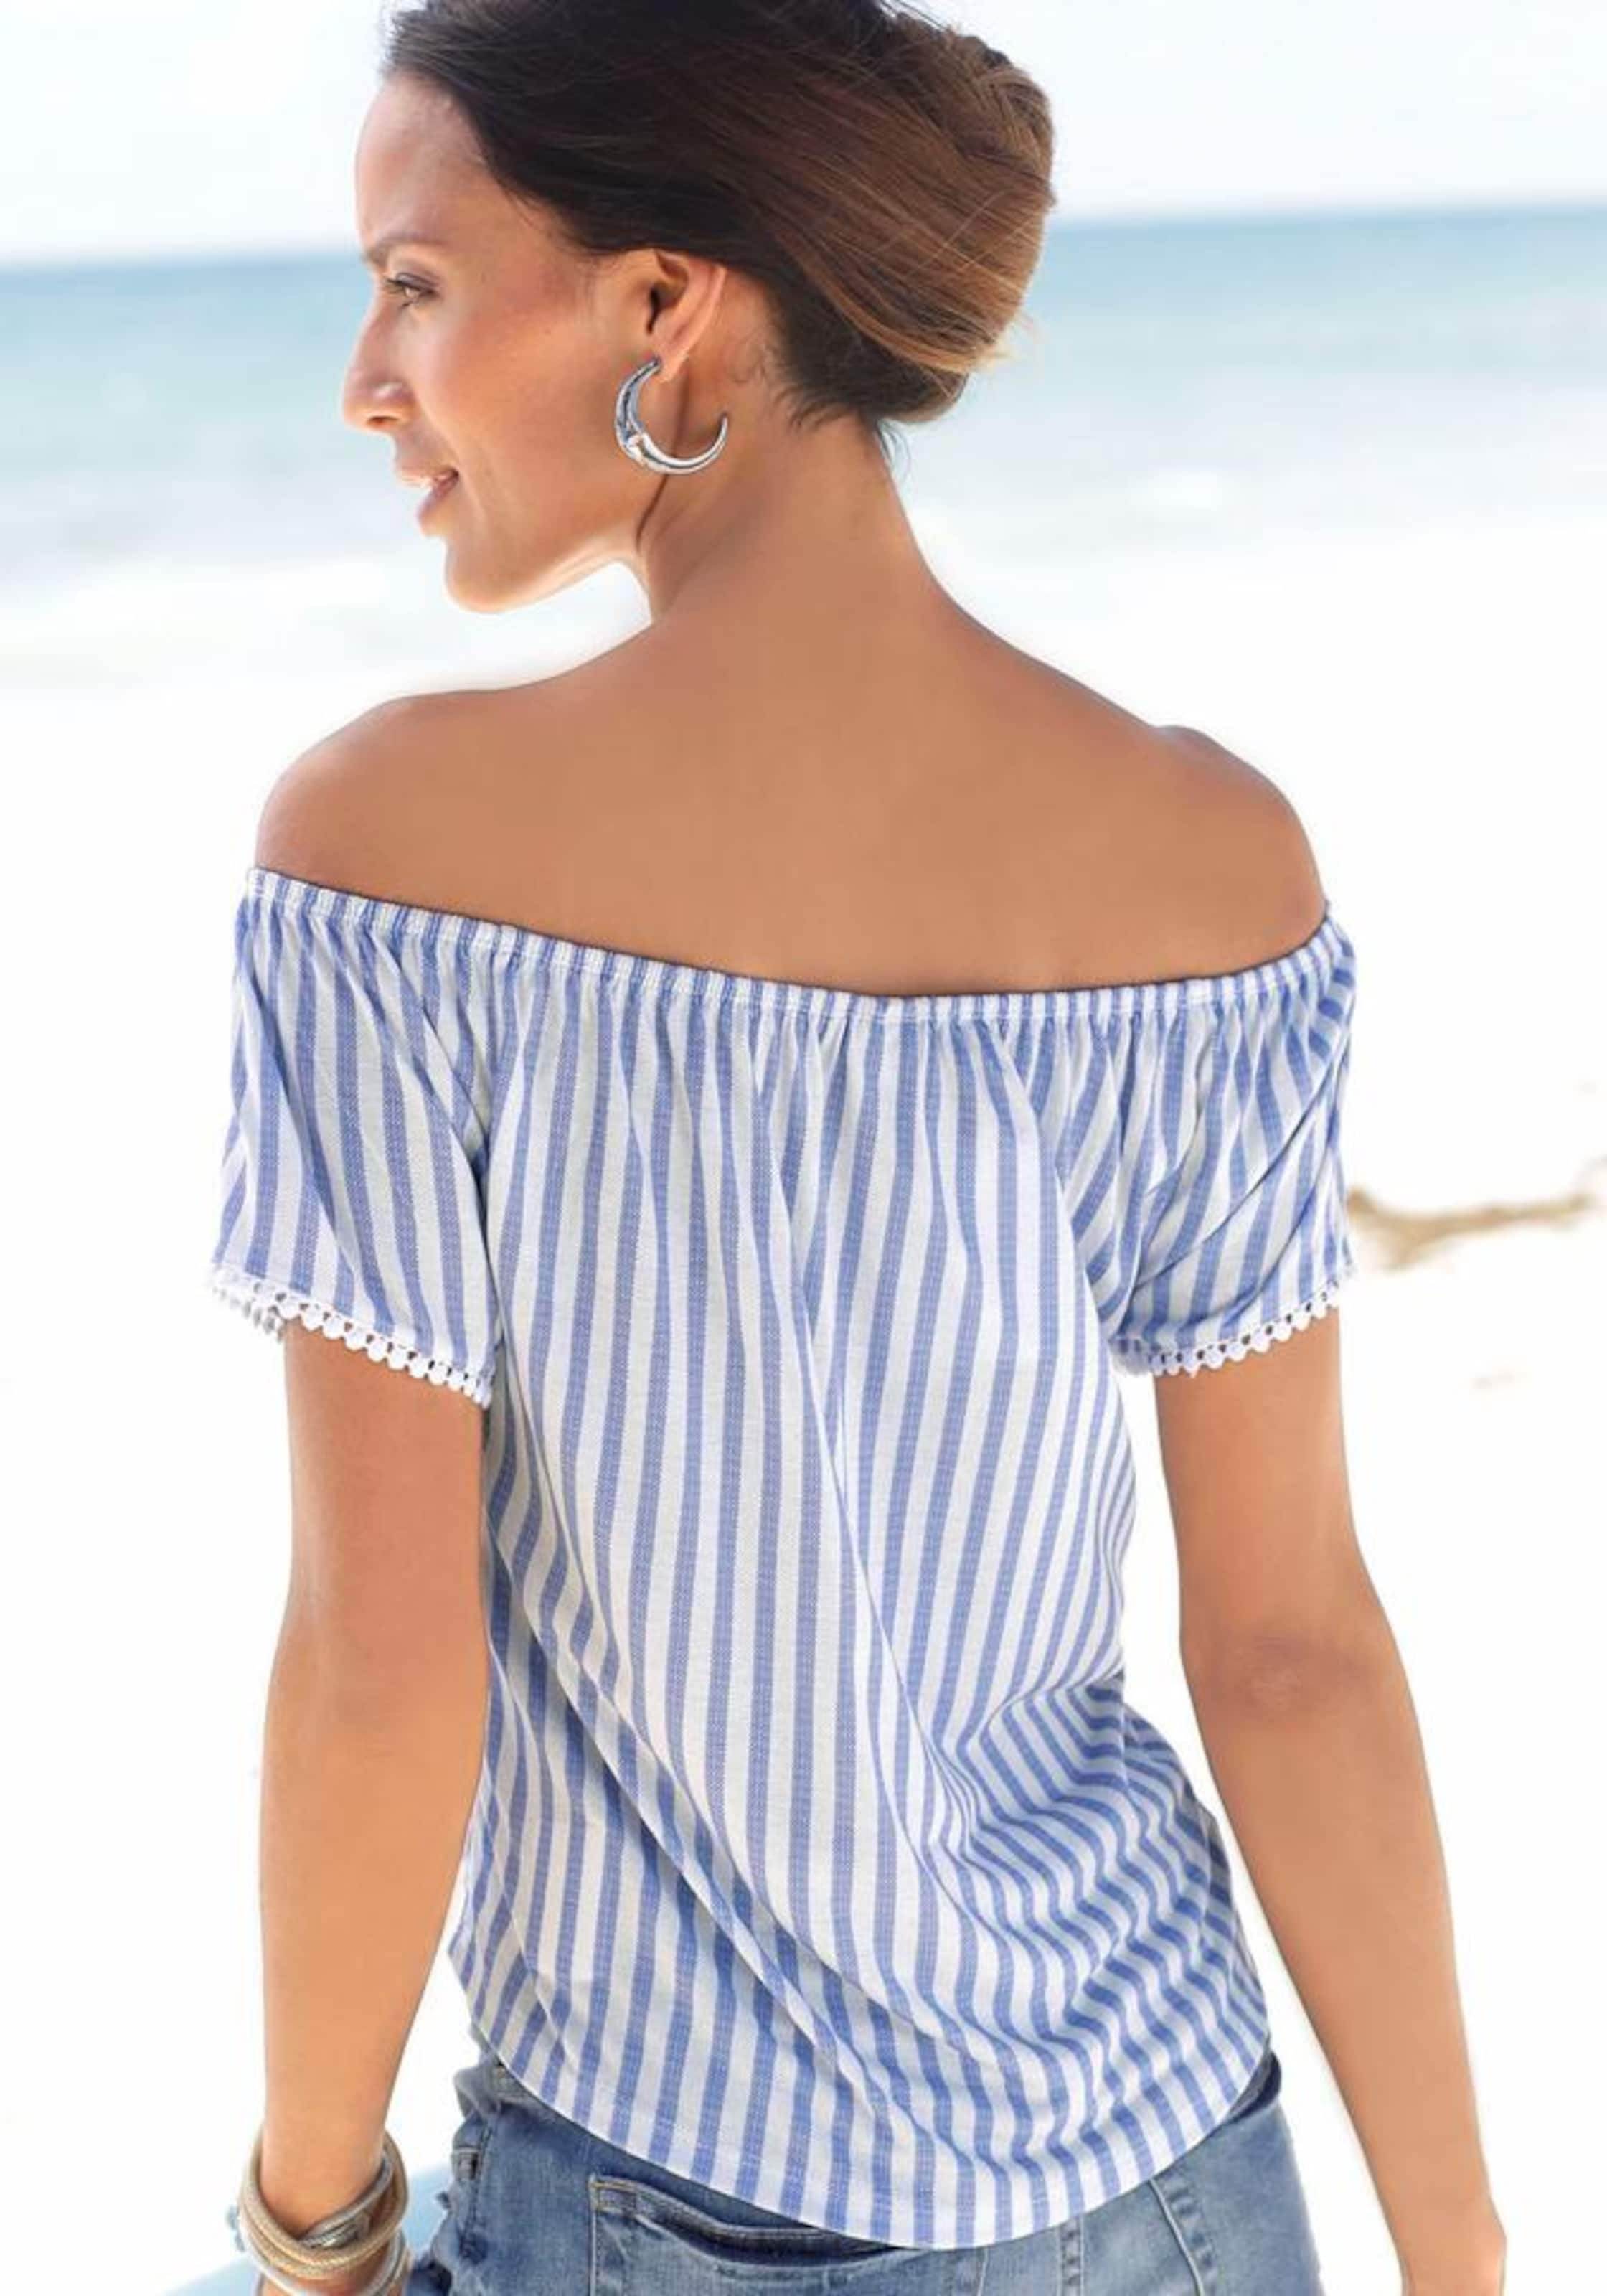 Strandshirt Strandshirt Strandshirt Lascana BlauWeiß In BlauWeiß BlauWeiß Lascana Lascana In In Lascana v8OnwmN0